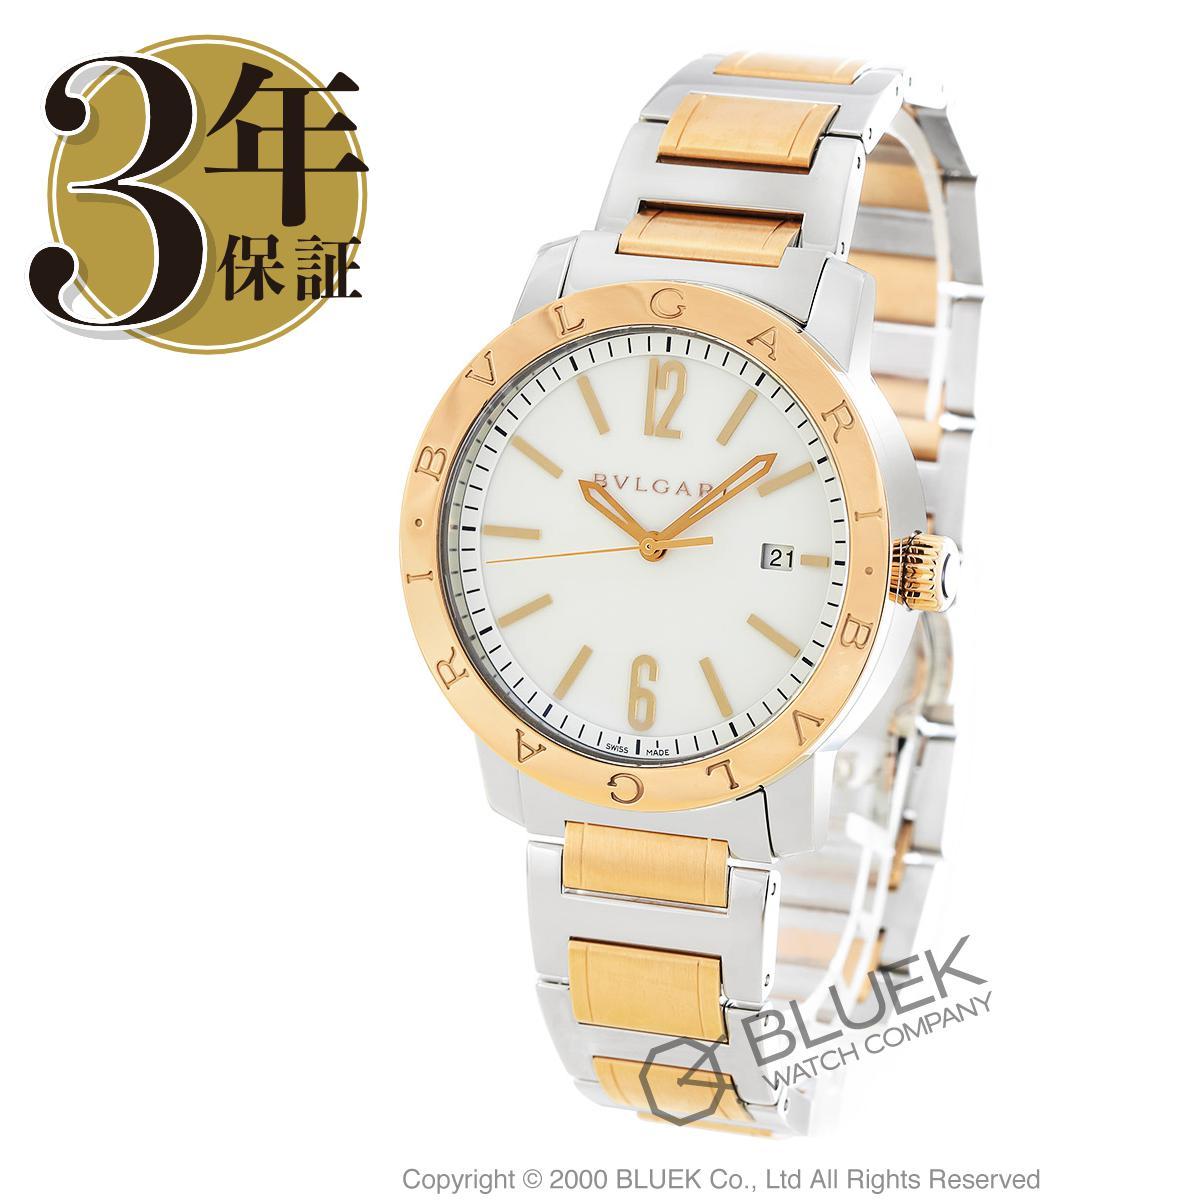 ブルガリ ブルガリブルガリ 腕時計 メンズ BVLGARI BB41WSPGD_3